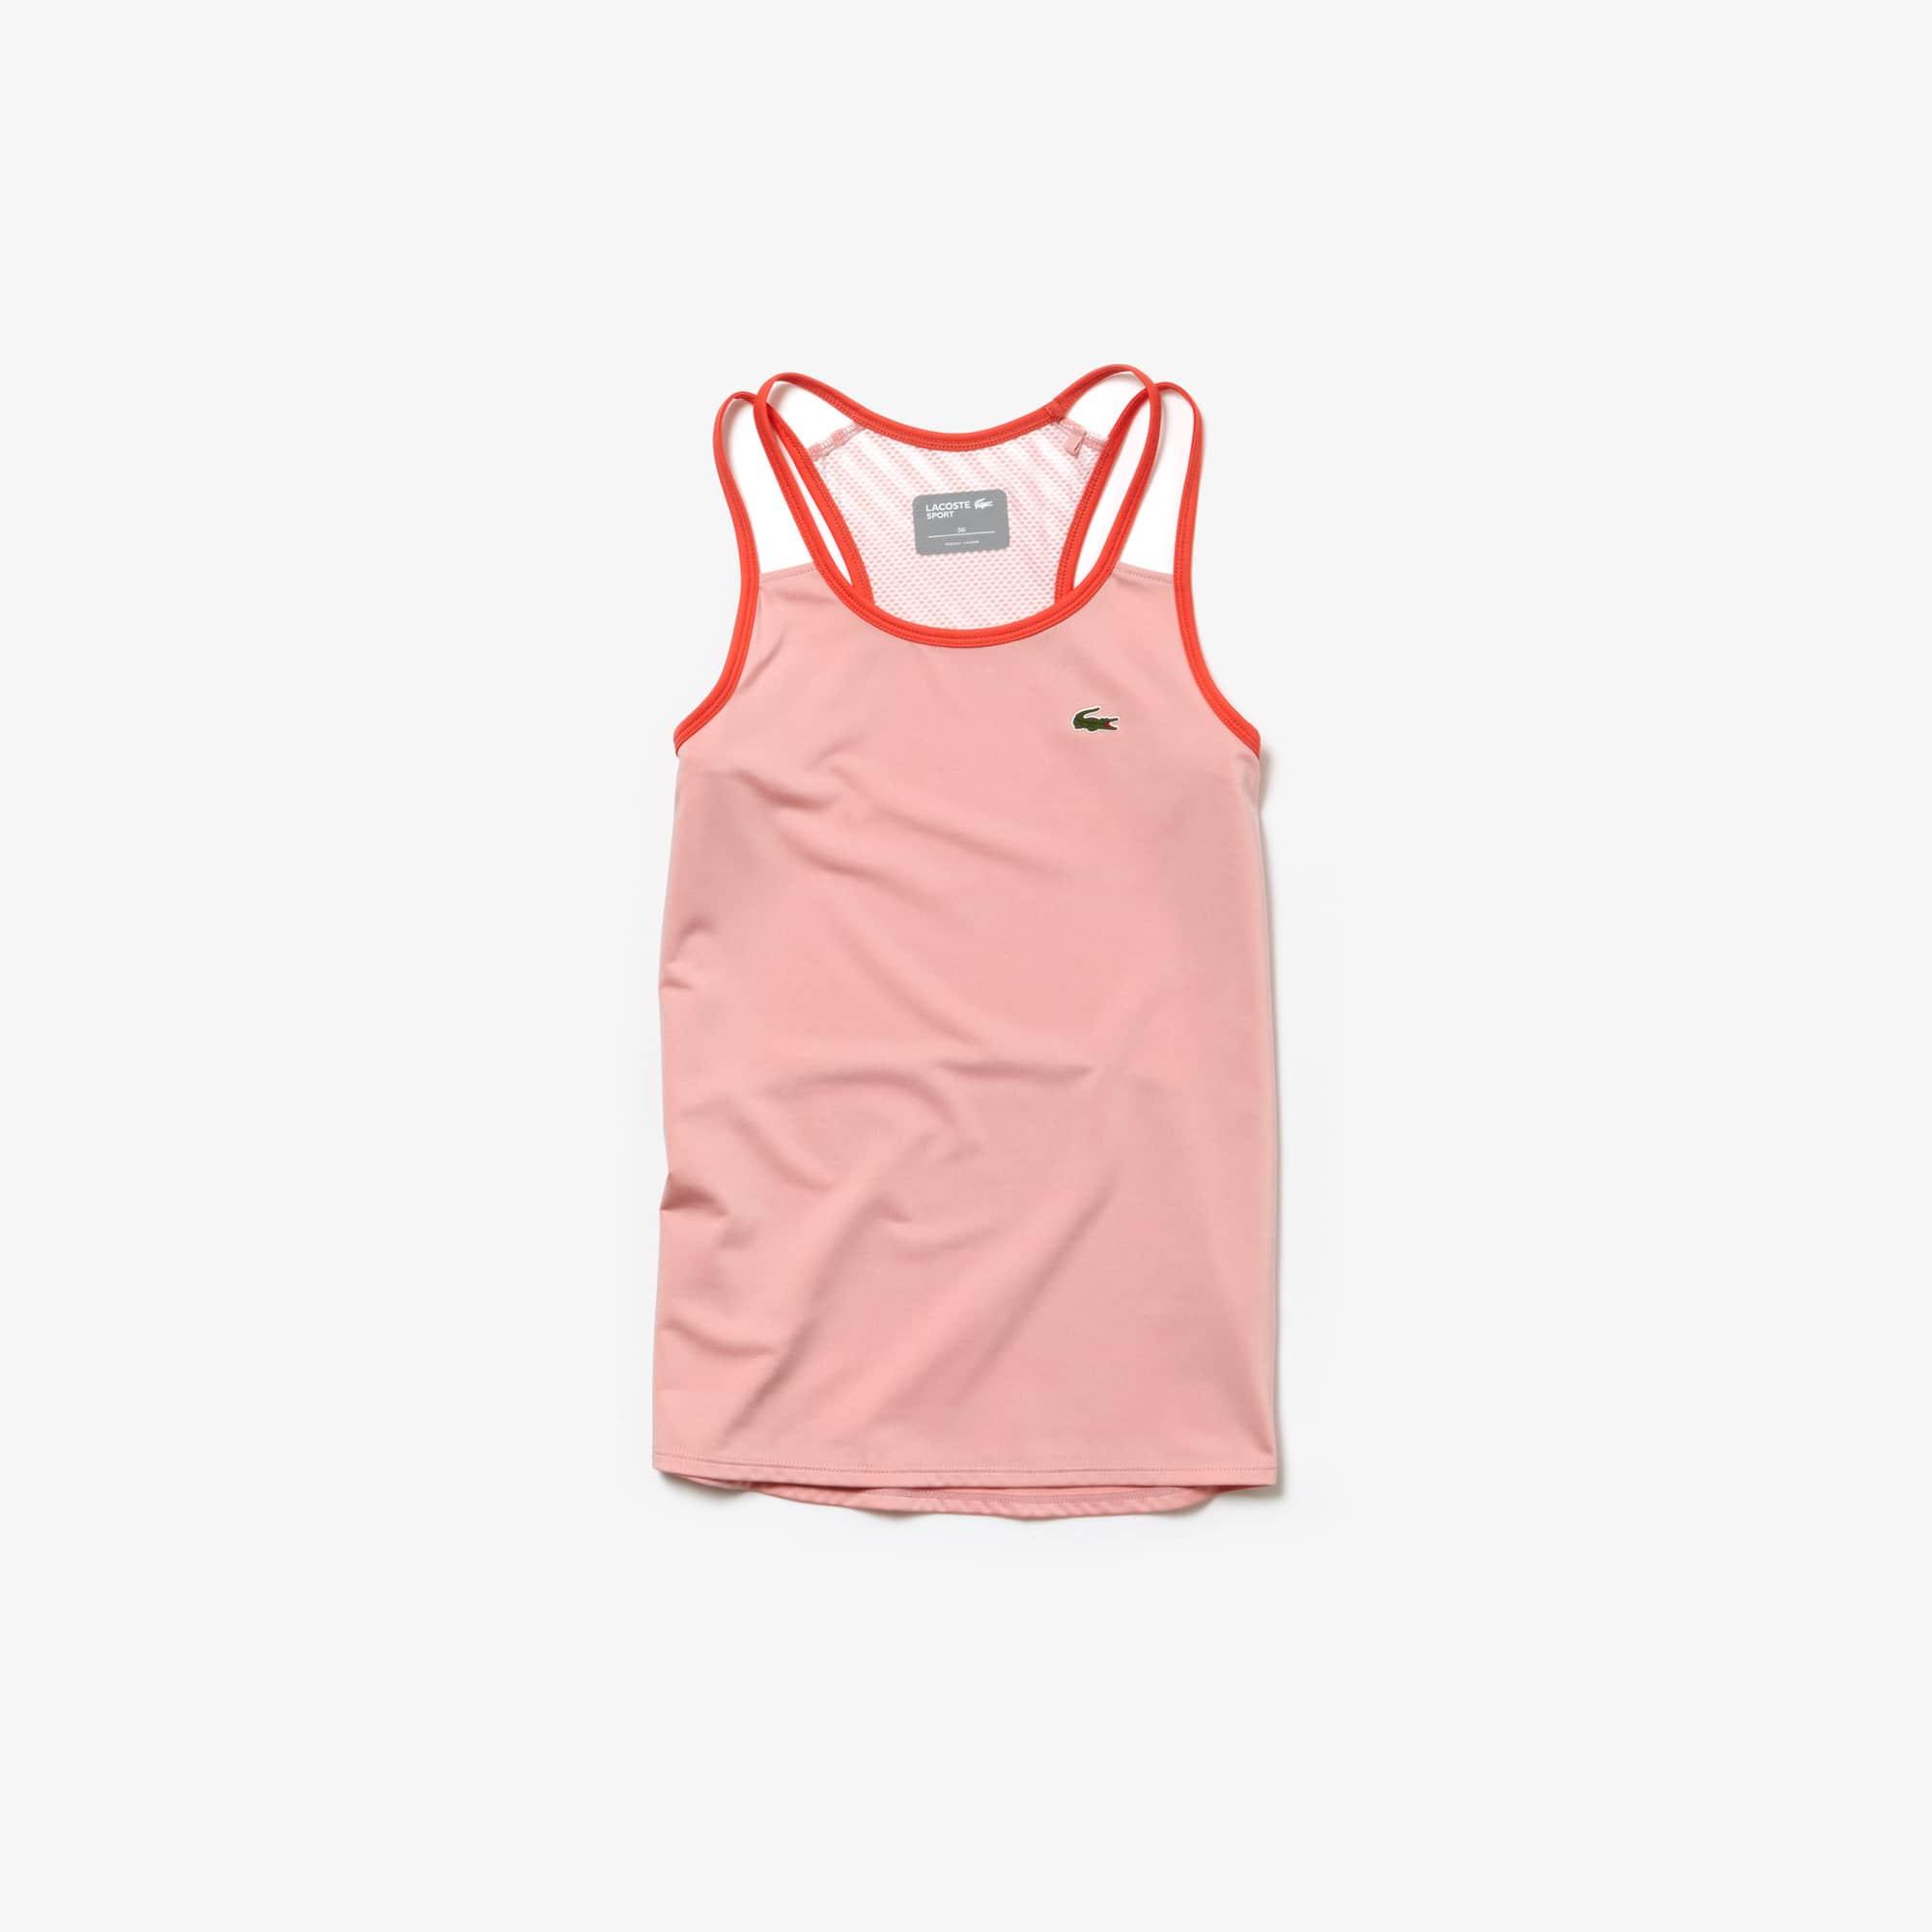 라코스테 Lacoste Womens SPORT Tech Jersey Racerback Tennis Tank Top,pink / red / white